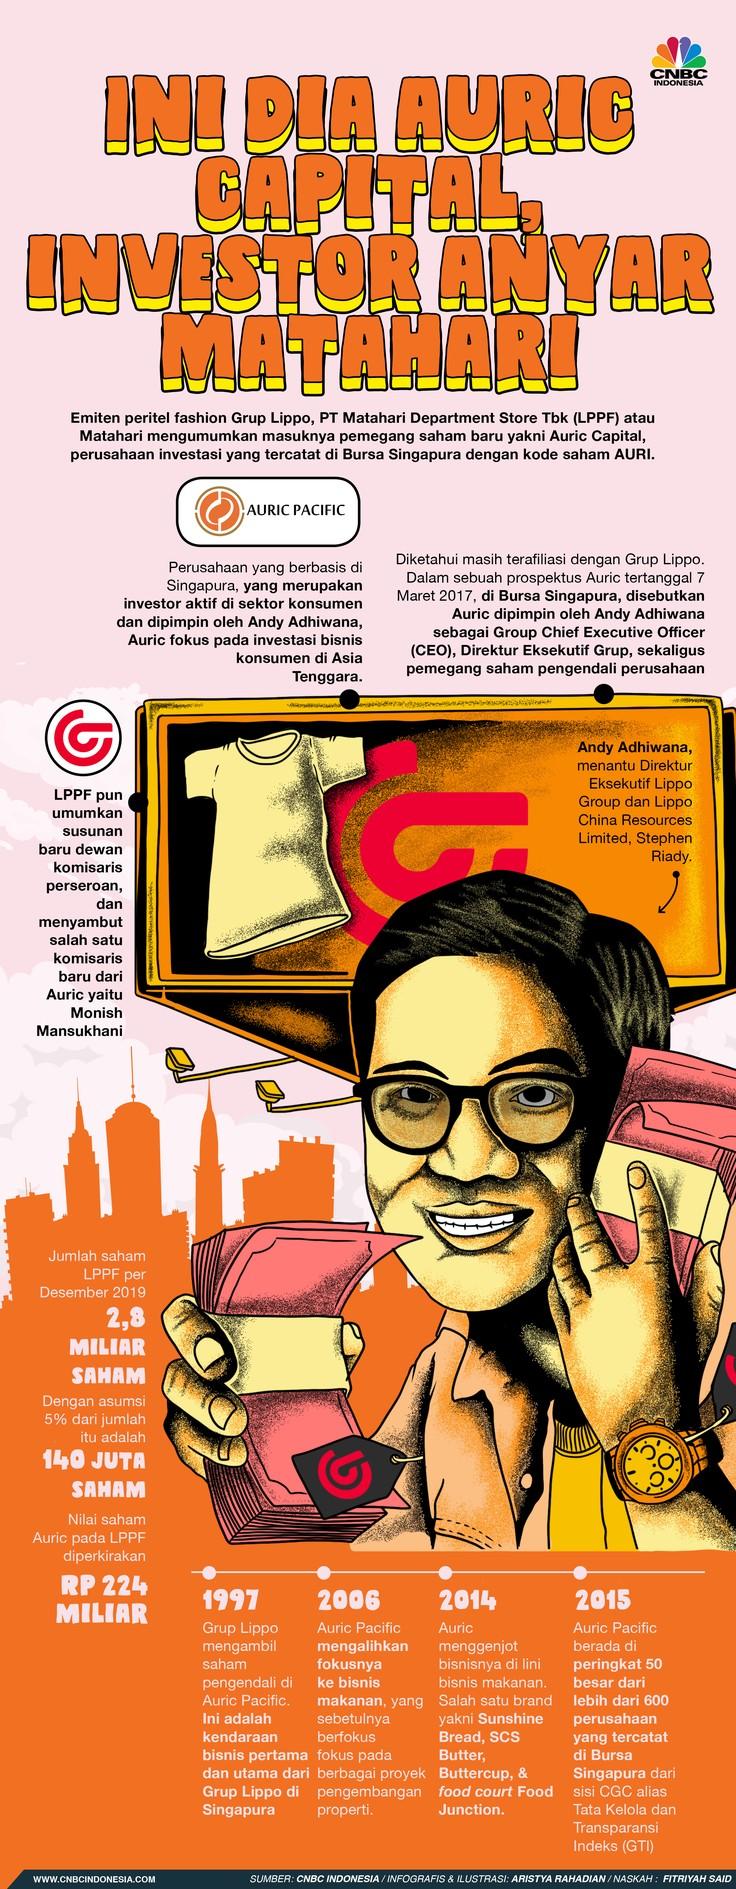 Infografis/Ini dia auric capital, investor anyar Matahari/Aristya Rahadian Krisabella